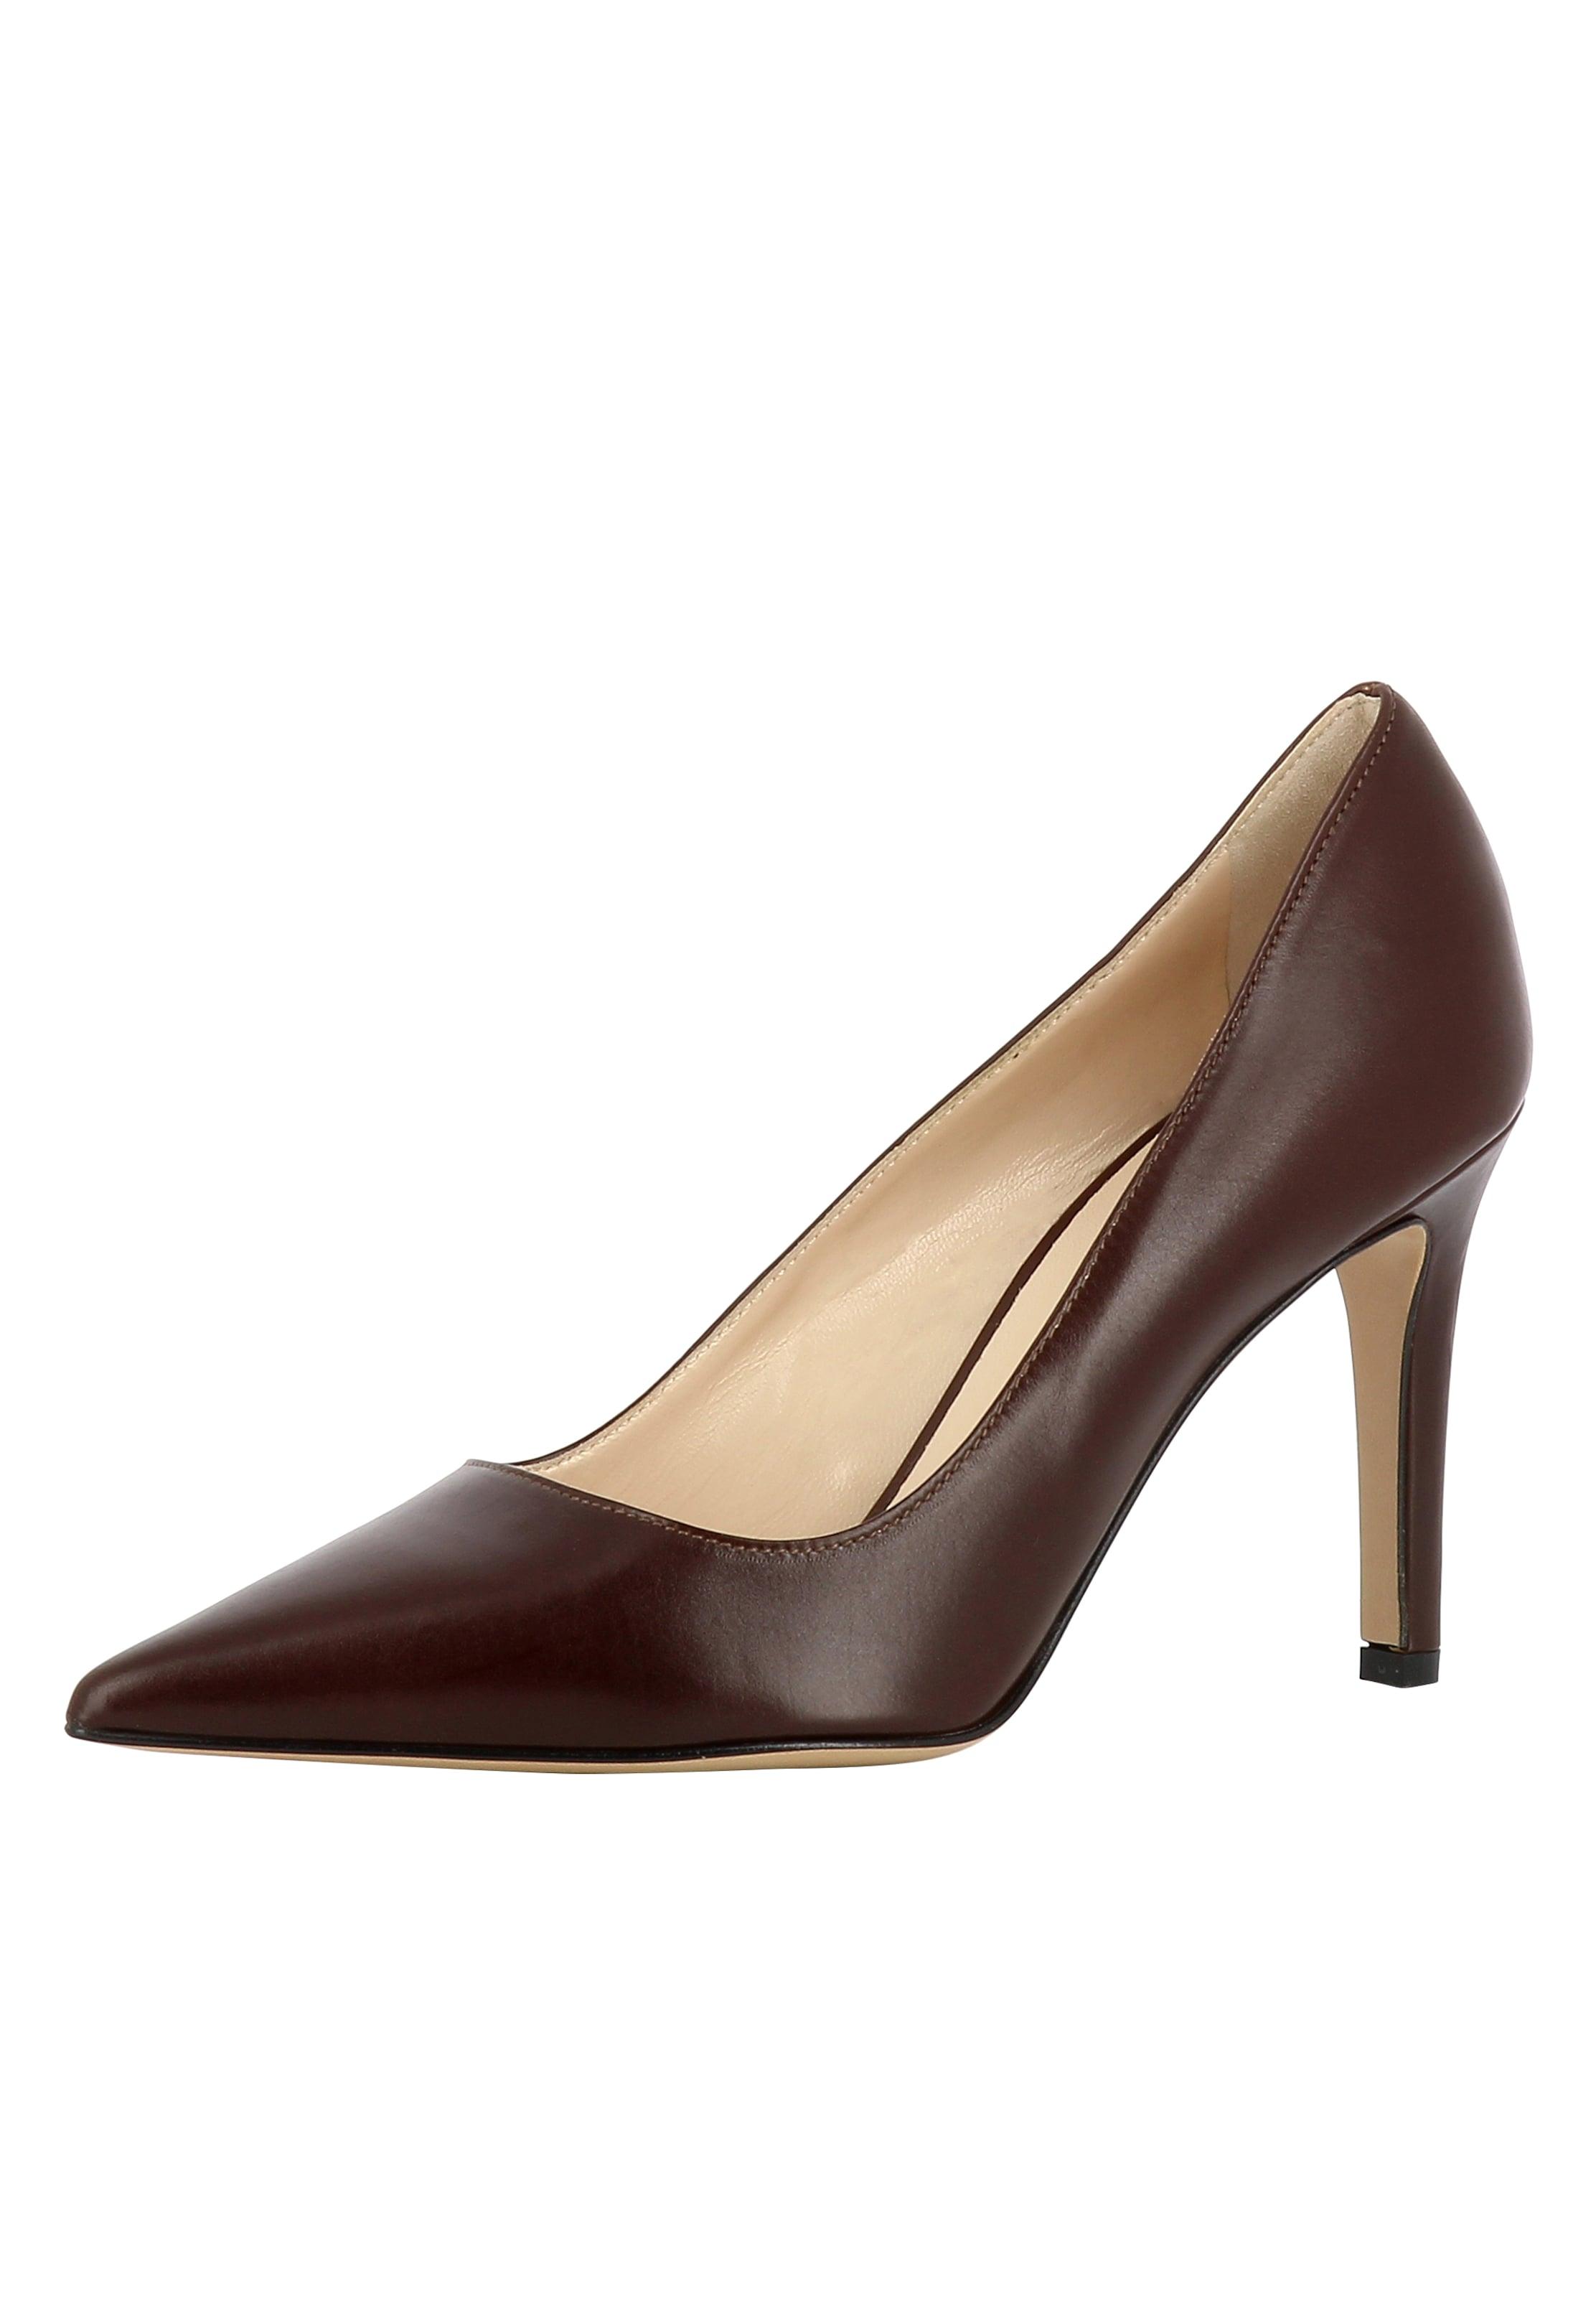 EVITA Damen Pumps NATALIA Verschleißfeste billige Schuhe